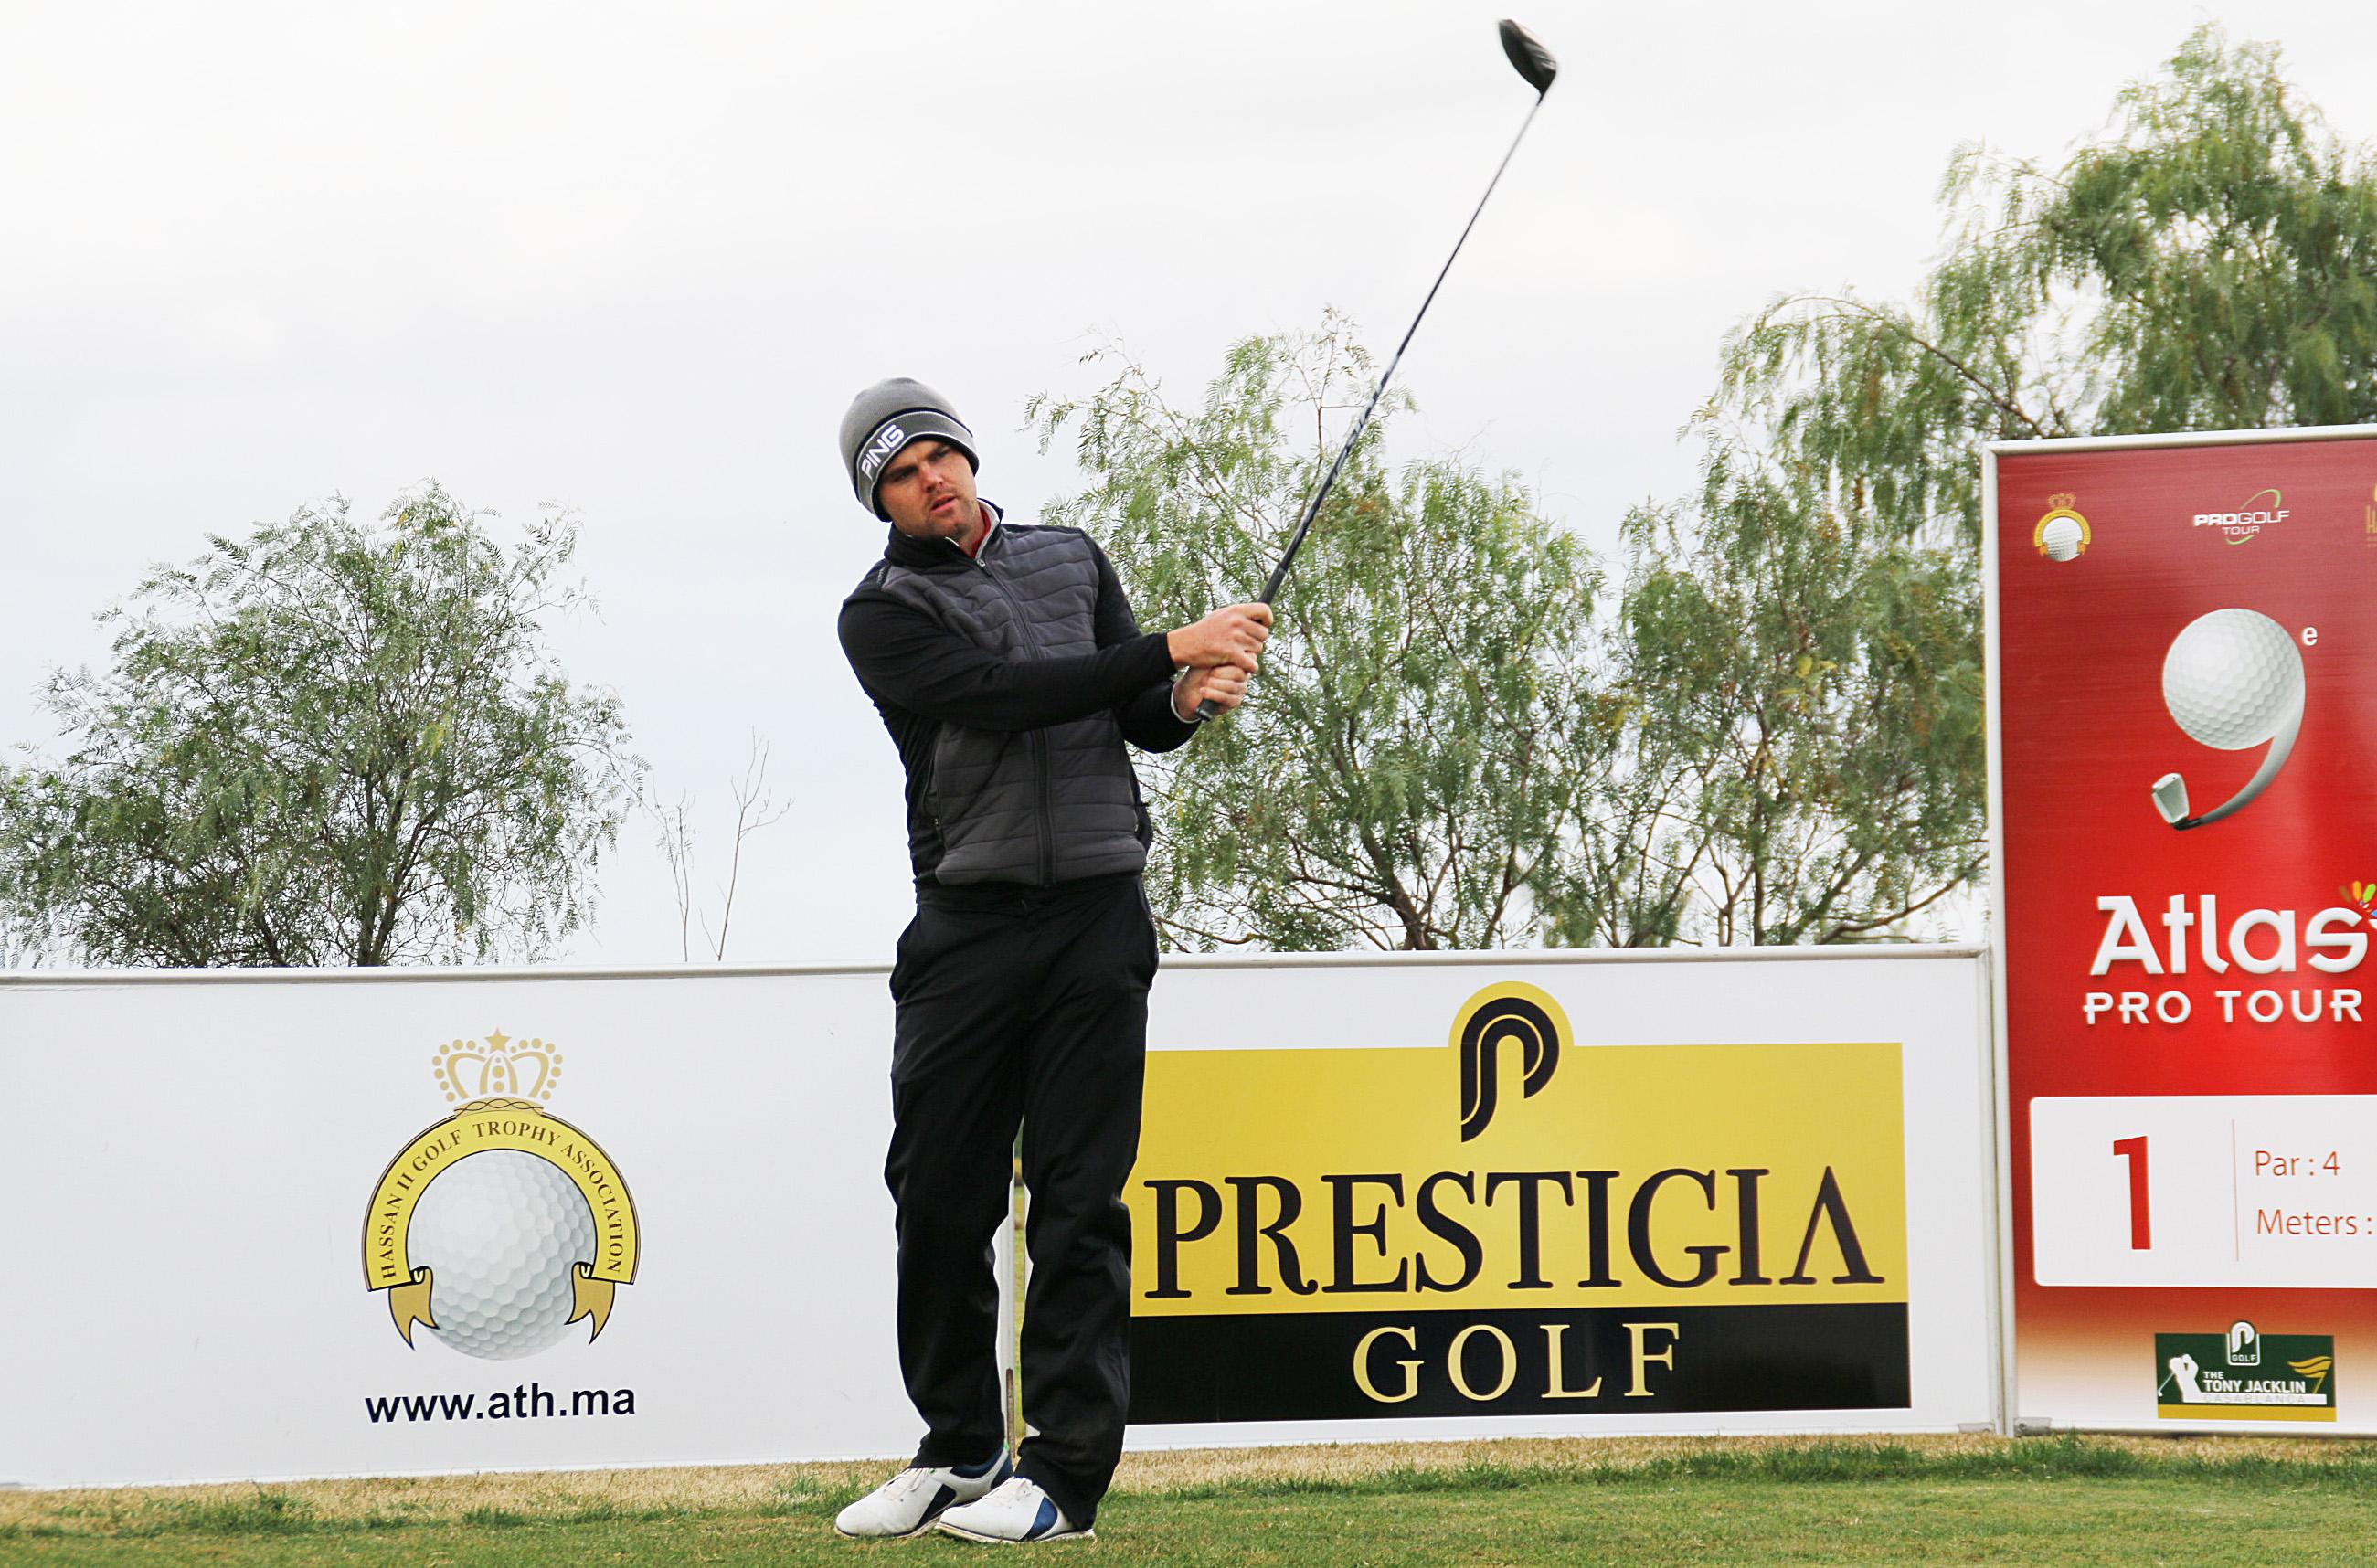 Casablanca: Der Schotte Liam Johnston triumphiert bei der Open Prestigia 2018